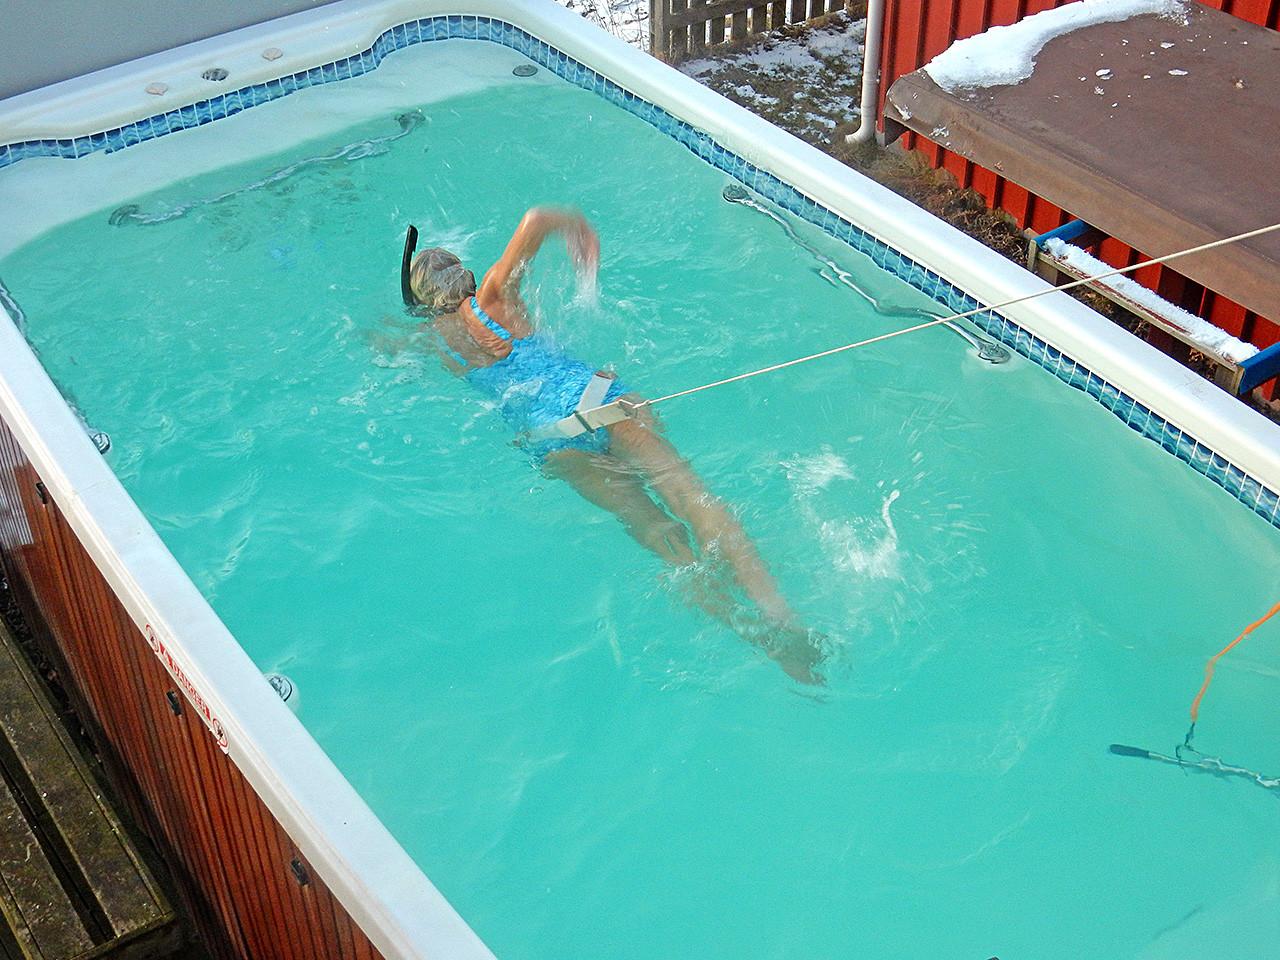 Trening i swimspa og motstrømsbasseng - spa basseng for bruk inne og utendørs